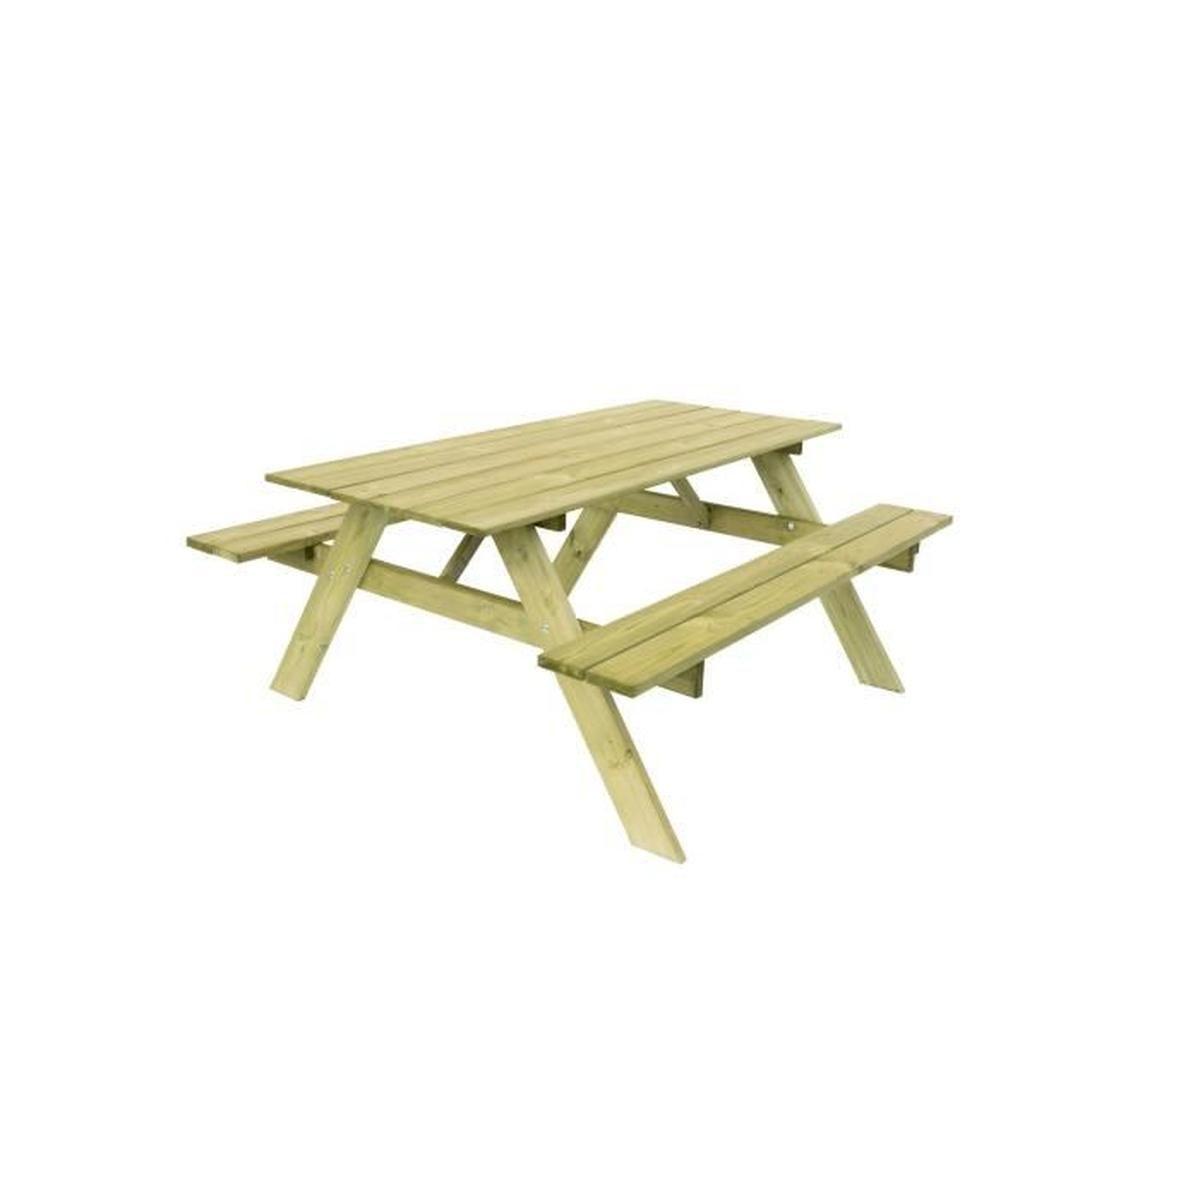 Table Pique-Nique Basic 165 Bois Naturel 165X154X75 Cm ... dedans Table De Jardin C Discount